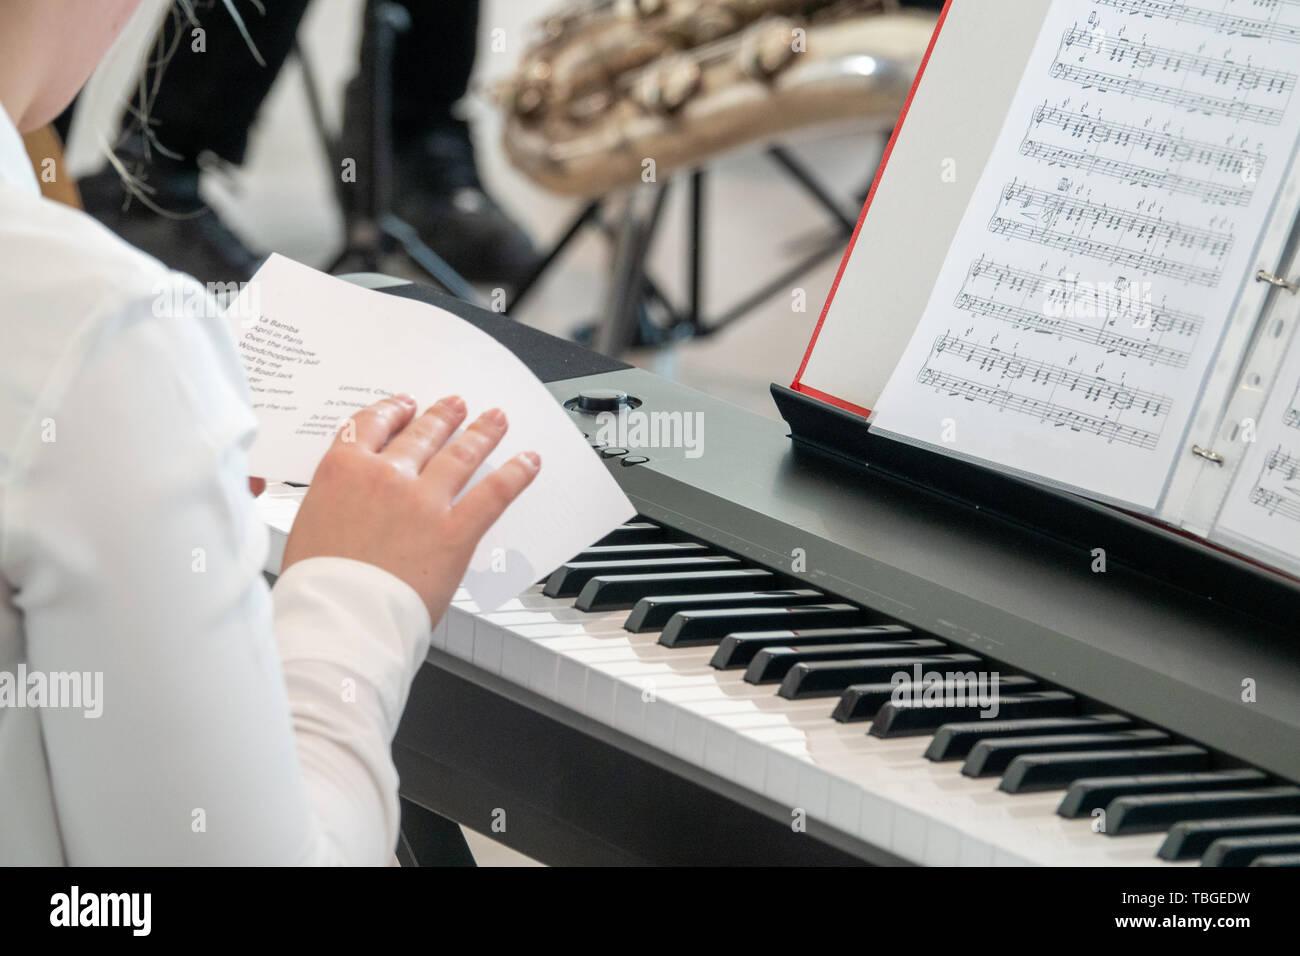 Ein junger Pianist Studien der Zeitplan vor einer Leistung Stockfoto